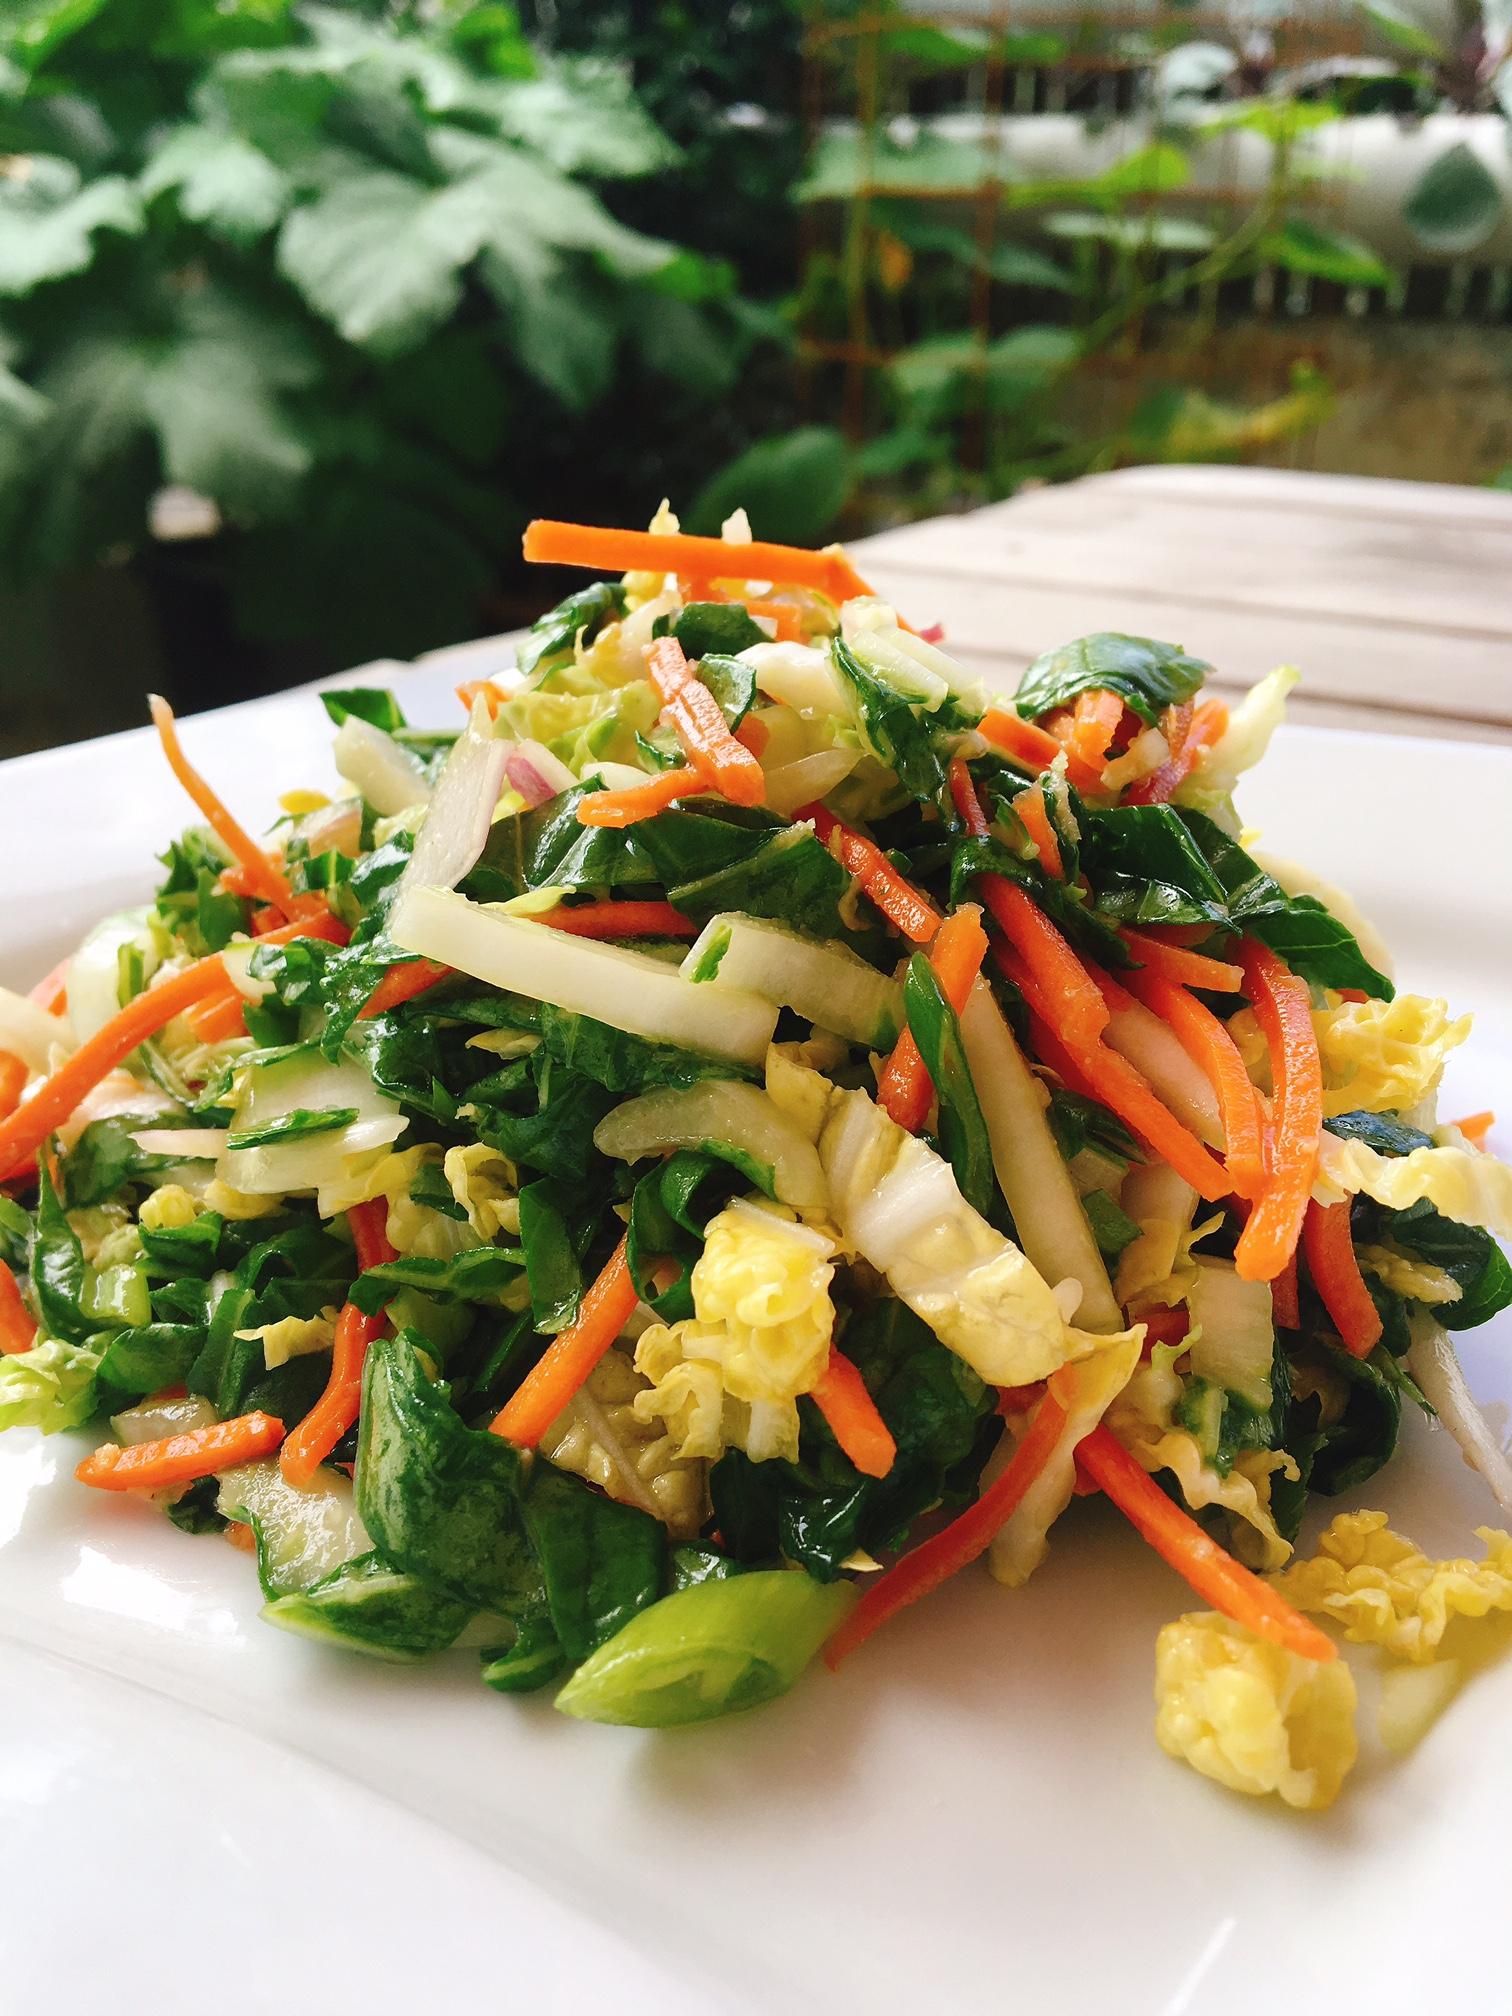 garden-to-table-orange-sesame-pak-choi-salad